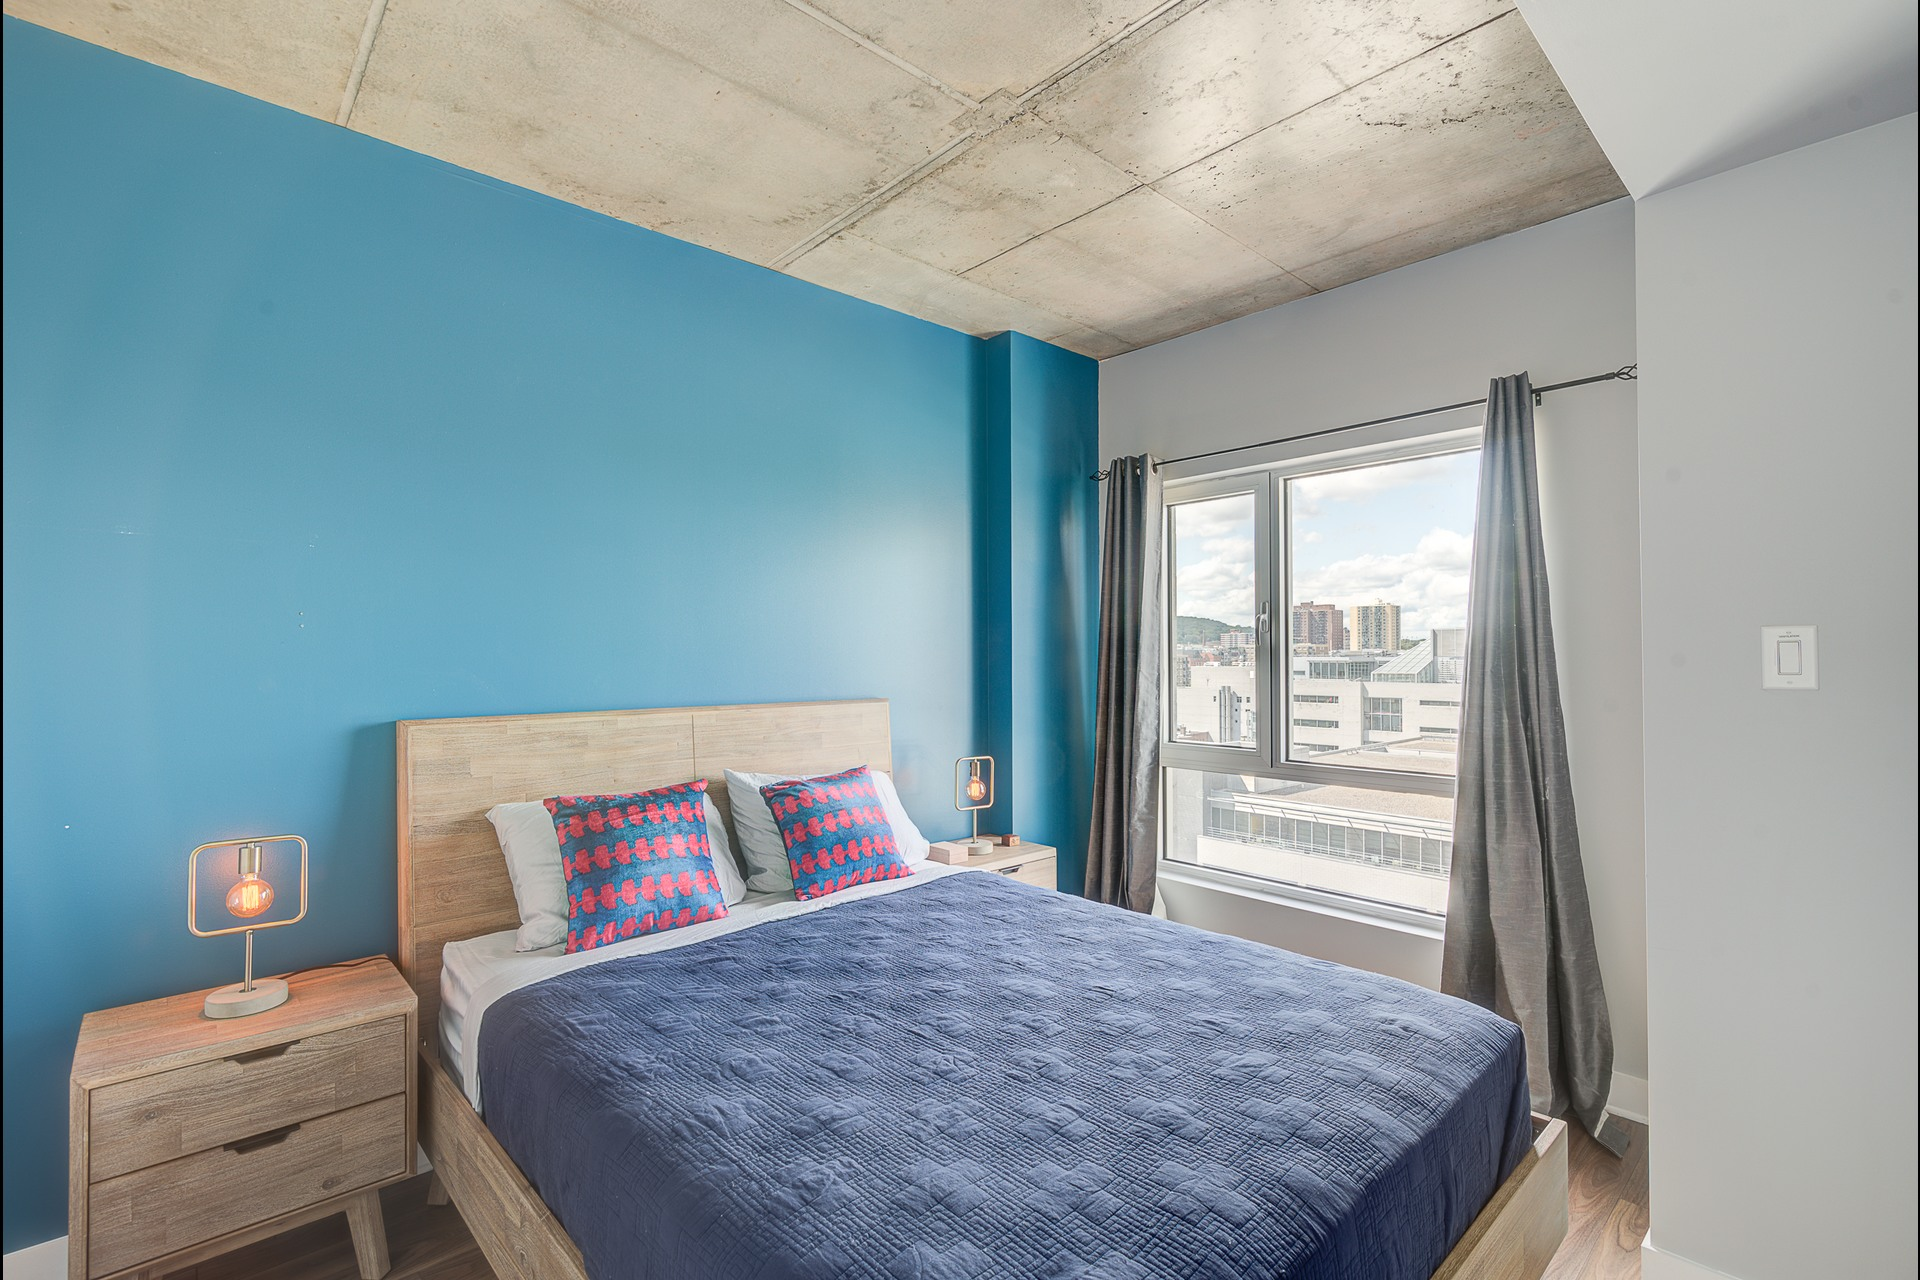 image 12 - Condo For rent Montréal - 3 rooms